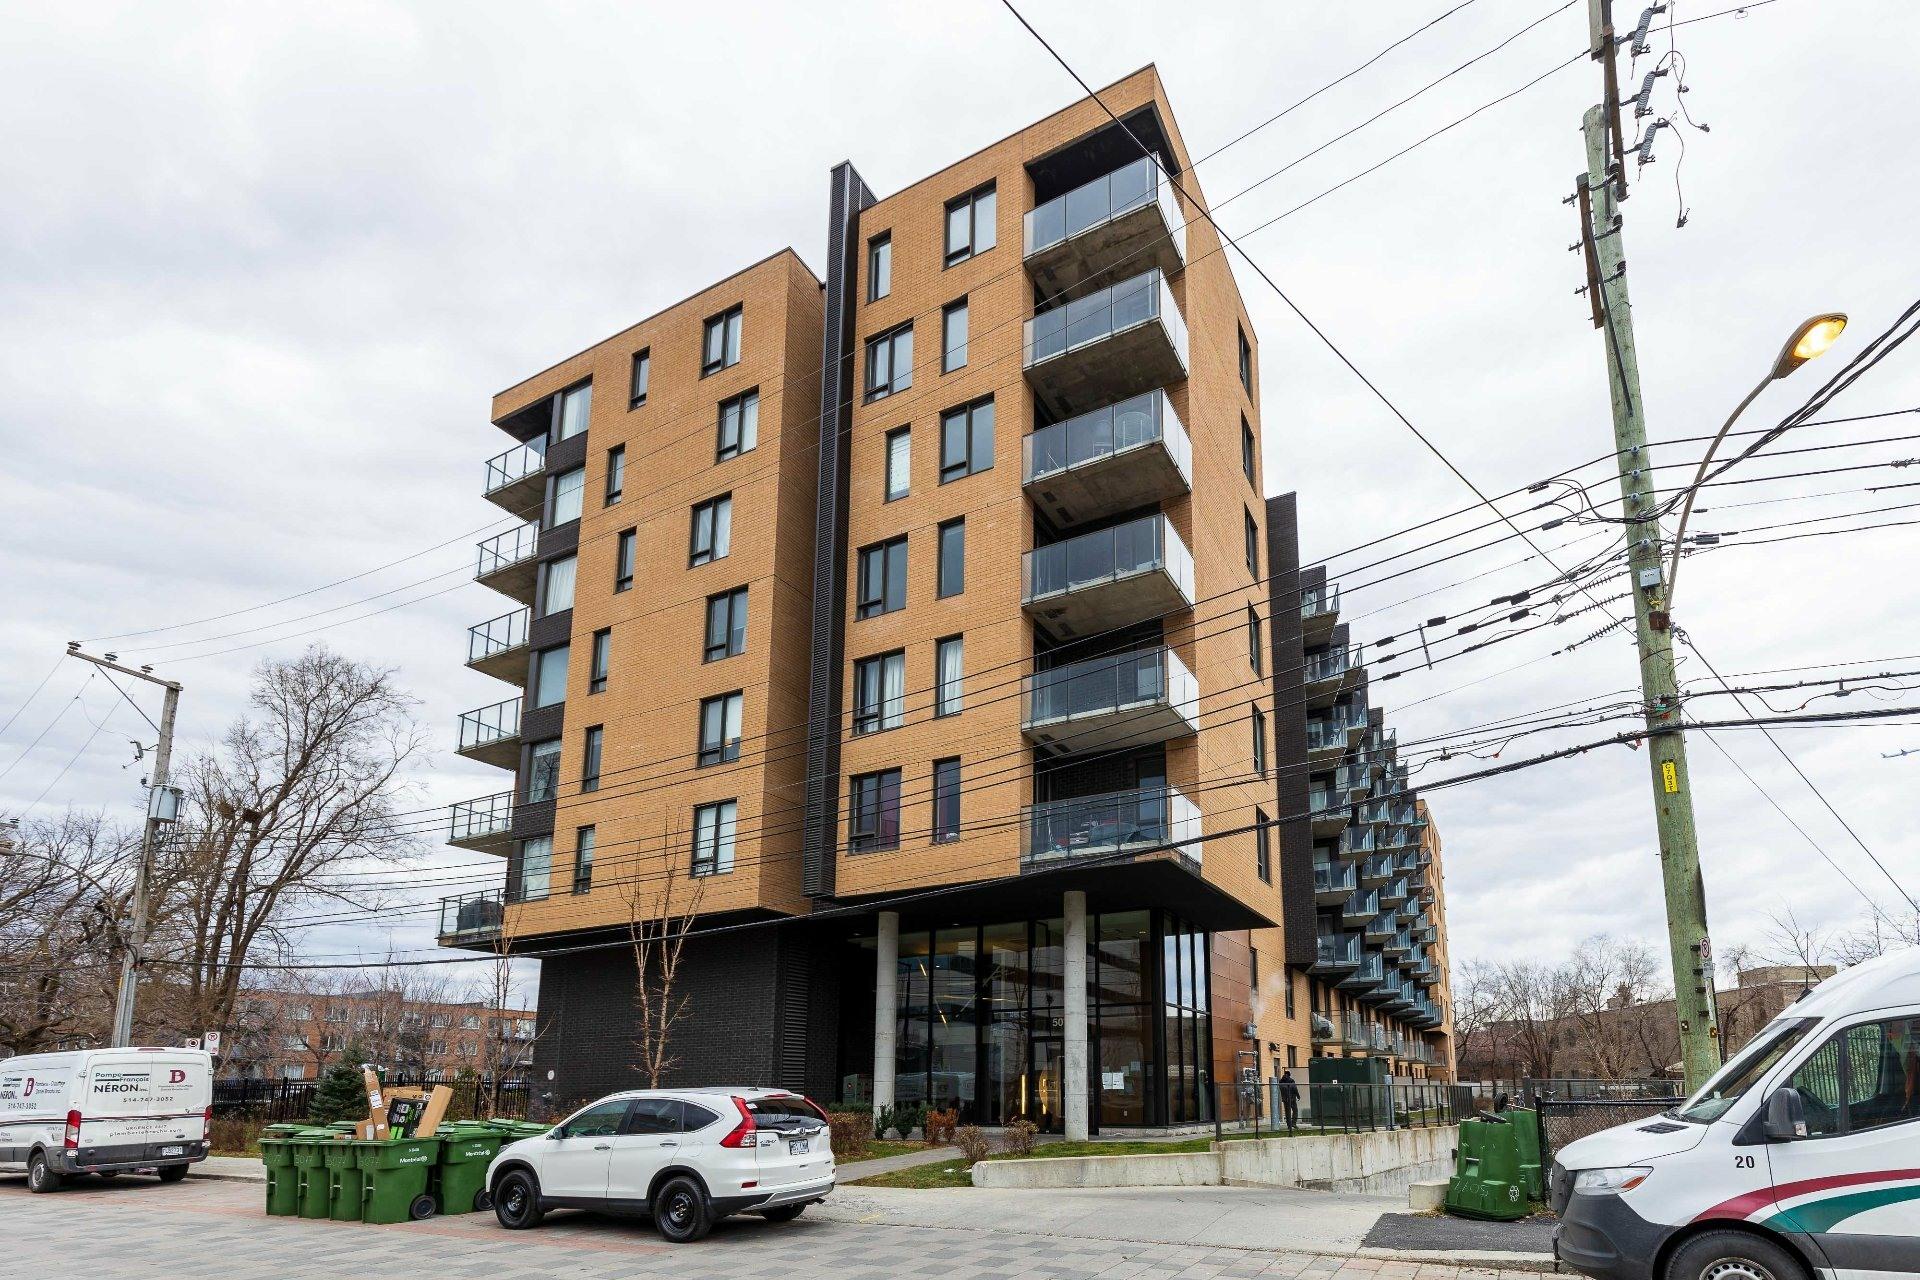 image 12 - Appartement À vendre Côte-des-Neiges/Notre-Dame-de-Grâce Montréal  - 5 pièces